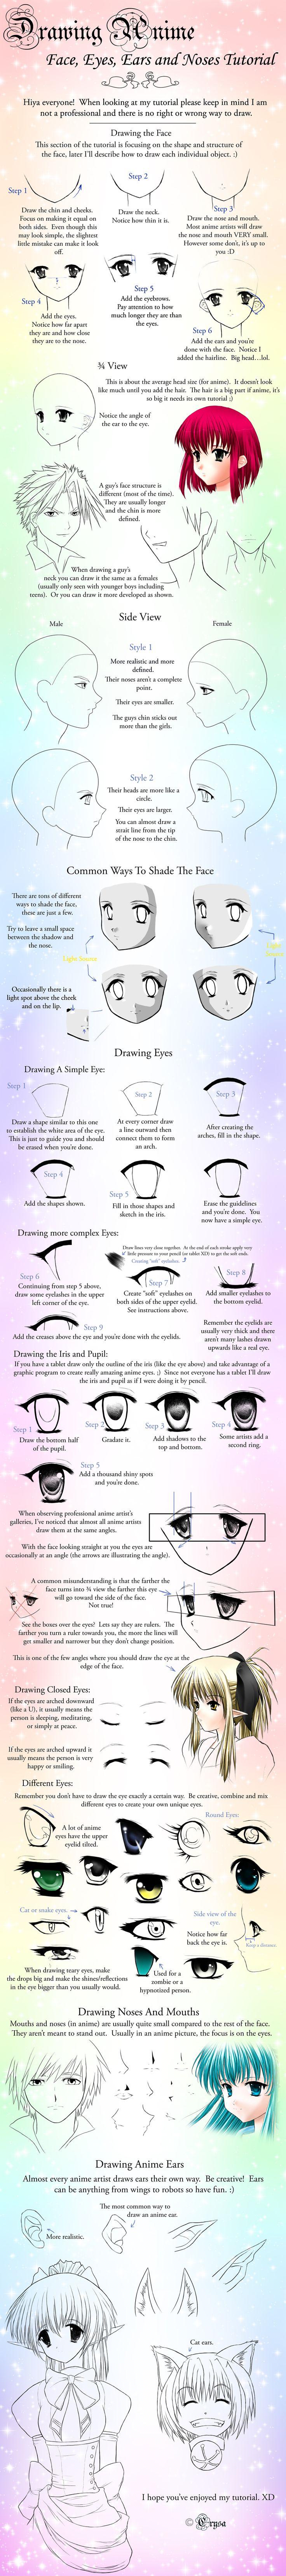 How to draw Manga Faces, manga face, manga eyes, manga nose Japanese manga tutorial